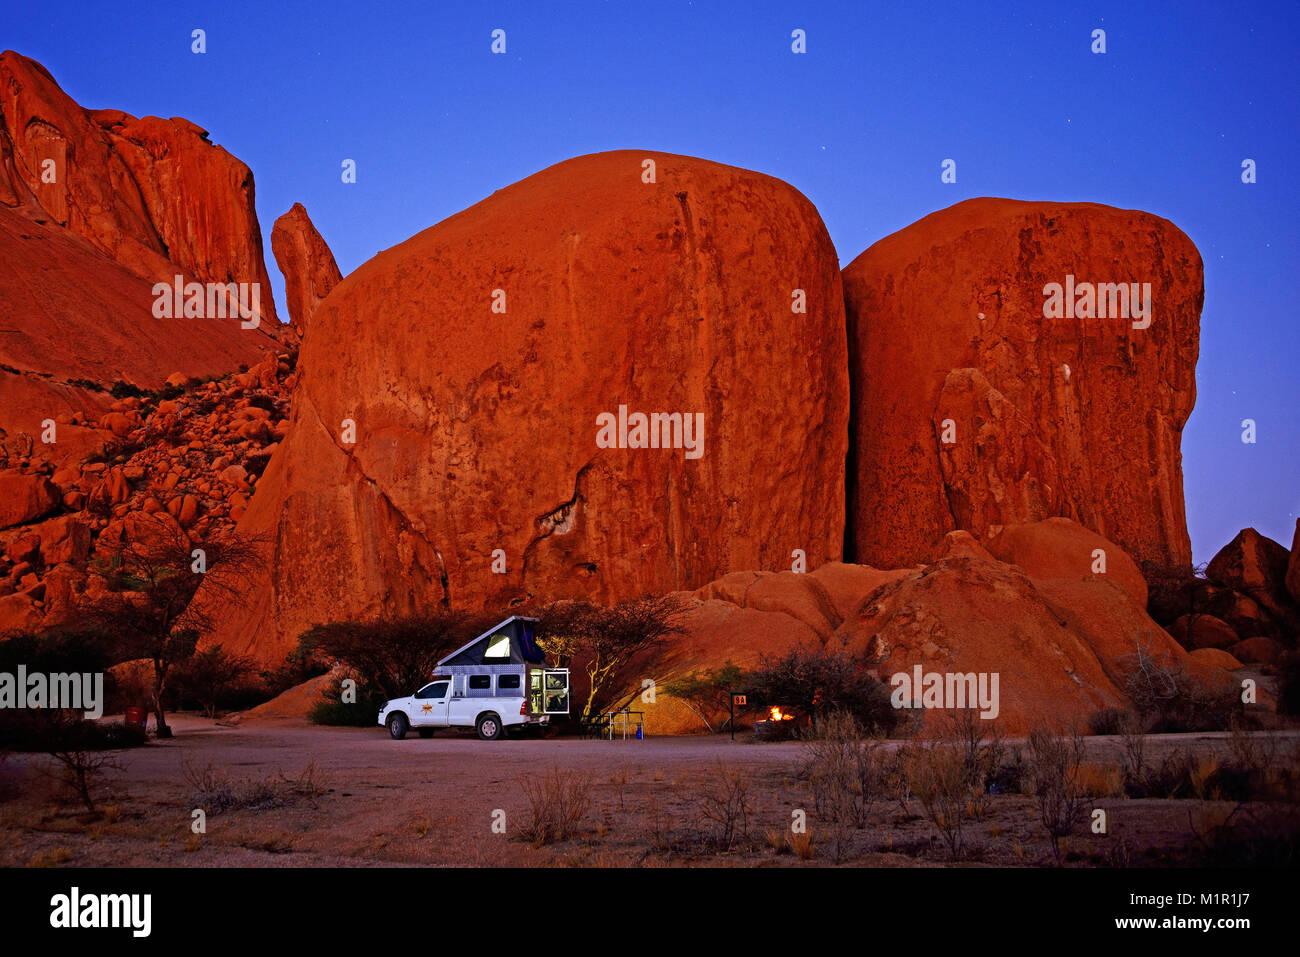 Campers at night, Spitzkoppe, erongo, Damaraland, Namibia 4WD camper at night, Spitzkoppe, erongo, Damaraland, Namibia, - Stock Image